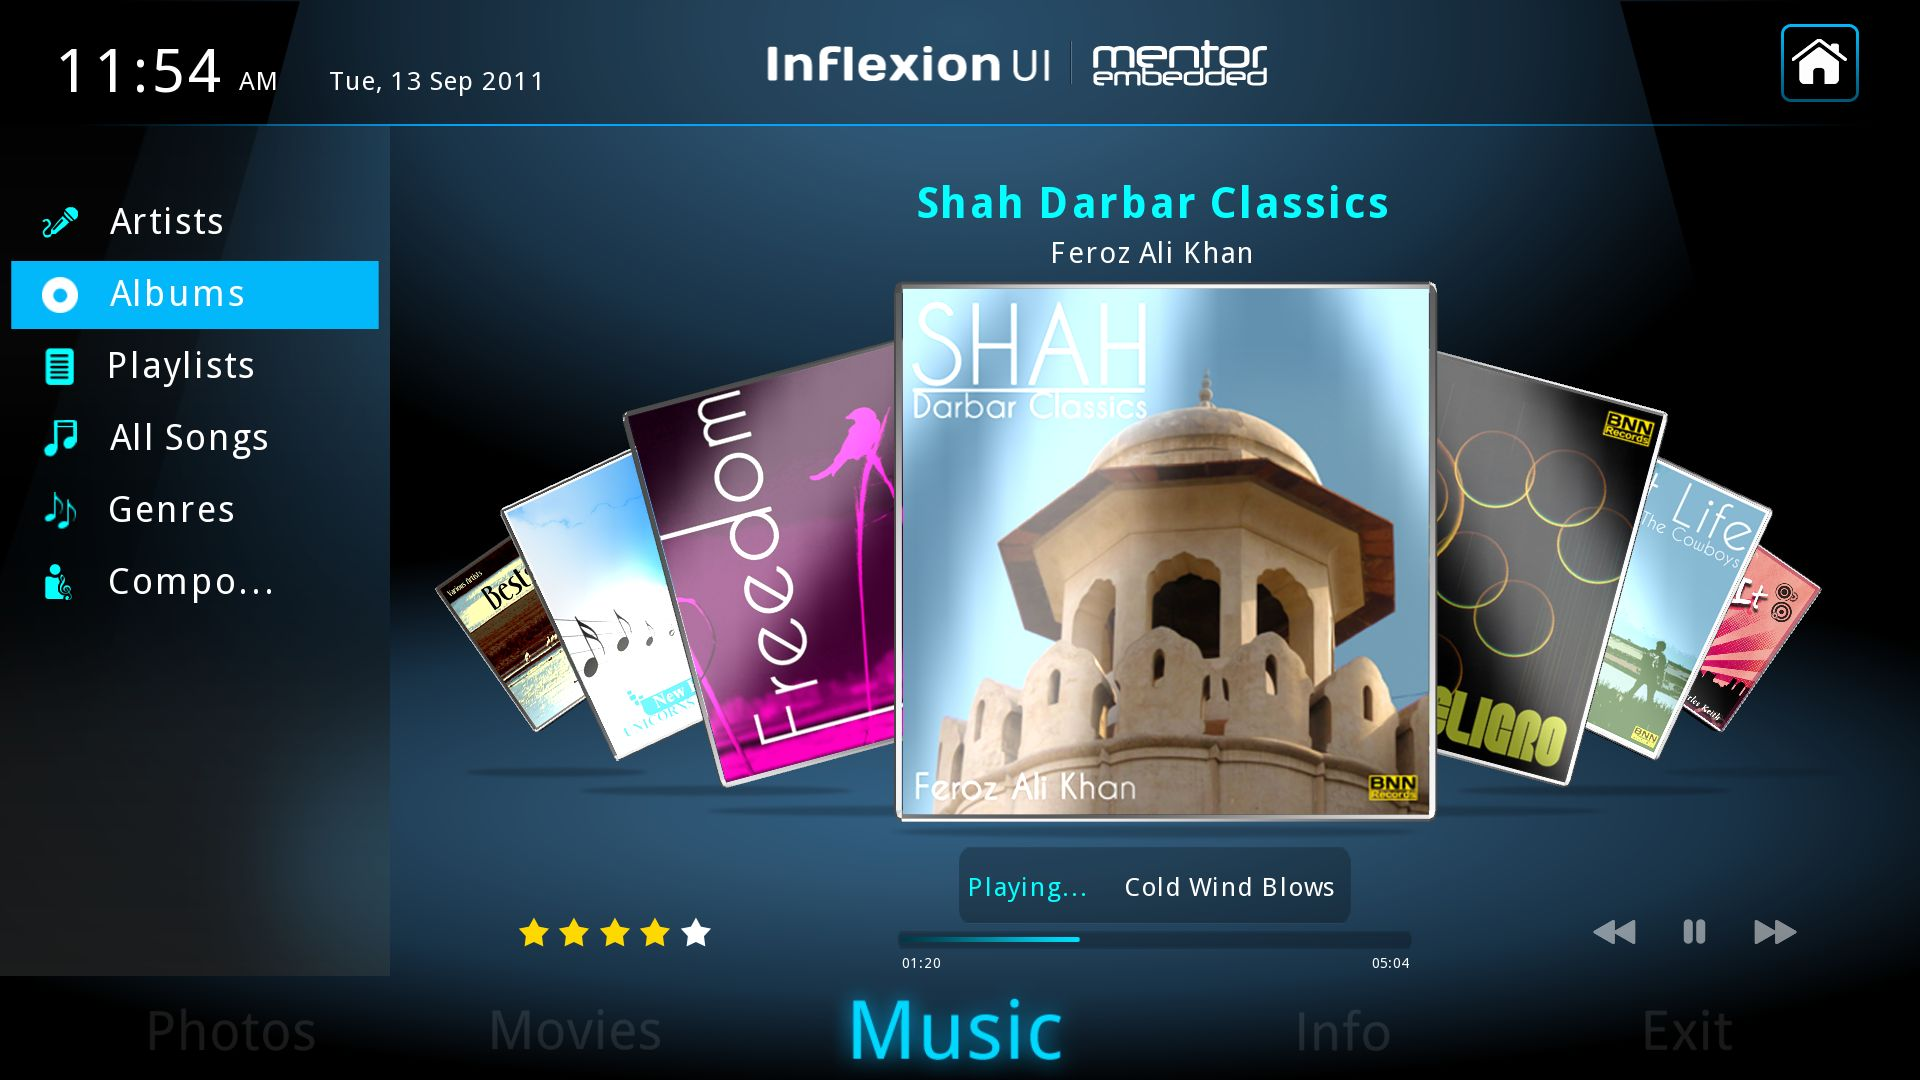 Inflexion UI Express